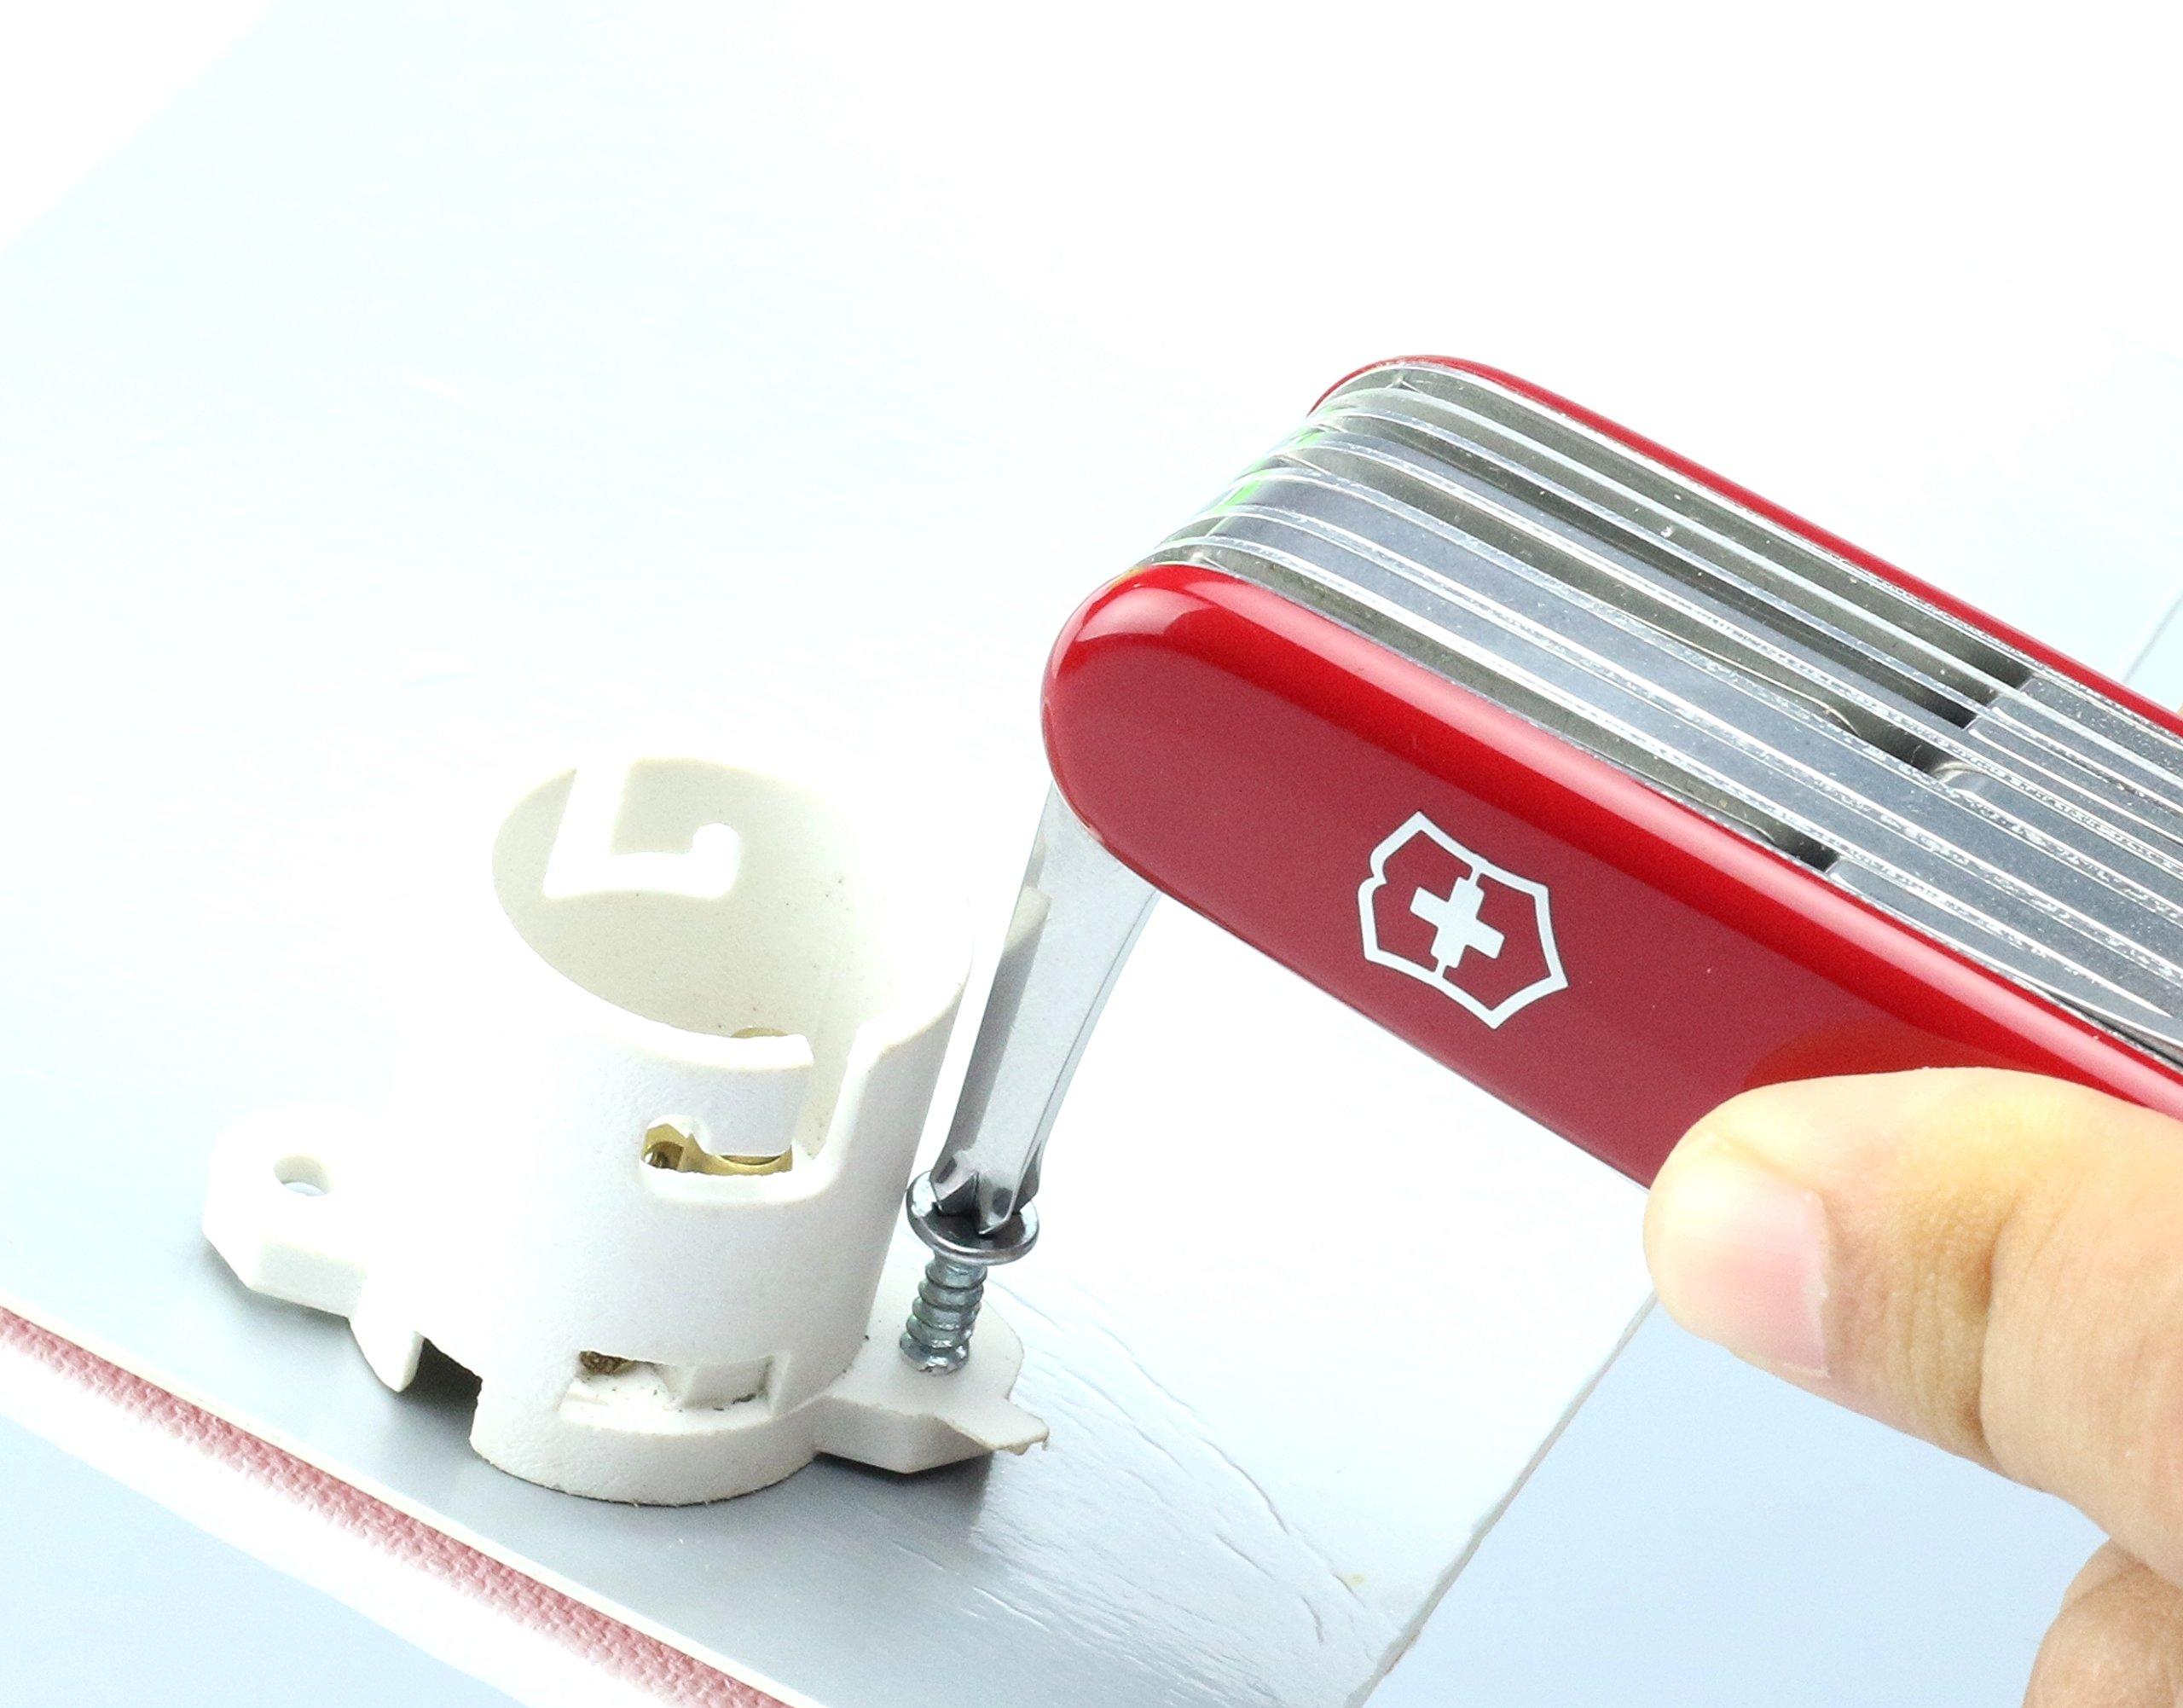 Victorinox Taschenwerkzeug Offiziersmesser Swiss Champ Rot Swisschamp Officer's Knife, Red, 91mm 36